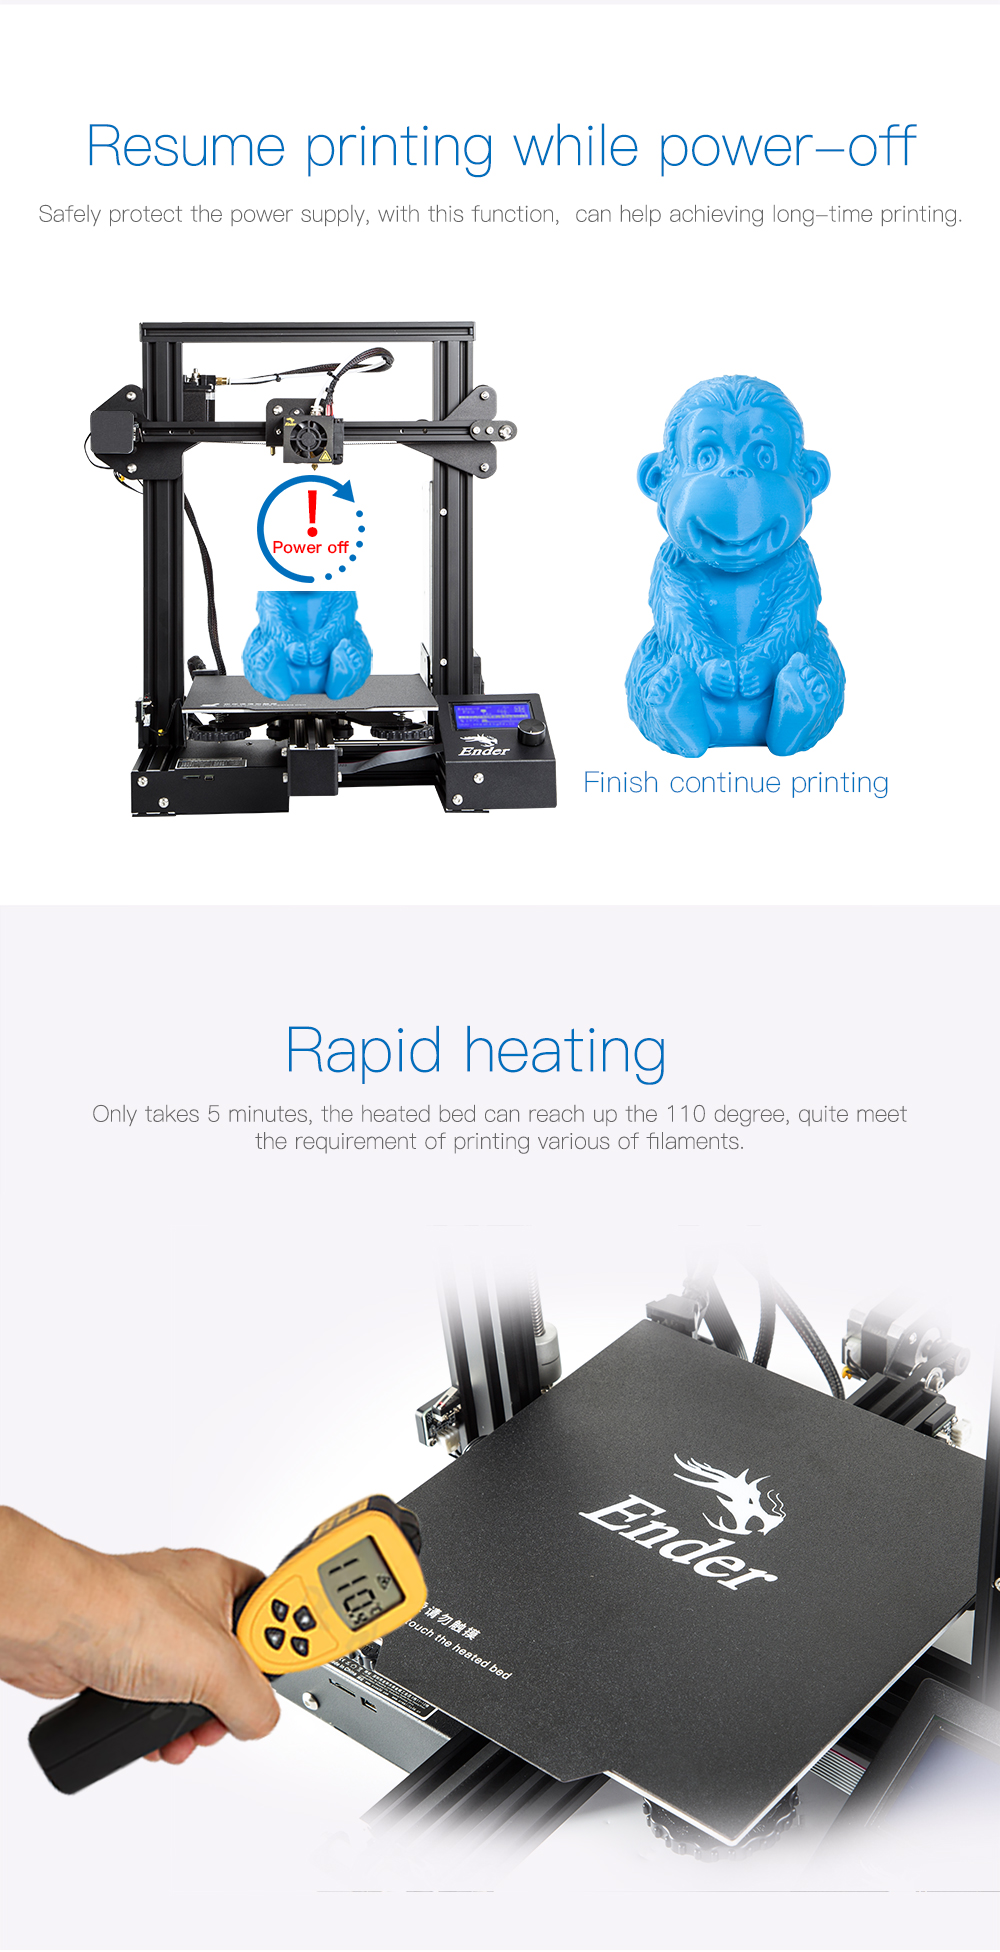 Creality3D Ender 3 Pro 3D-Drucker Bausatz - 220x220x250mm - Resume Printing Funktion - Schnelles Aufheizen der Druckplattform